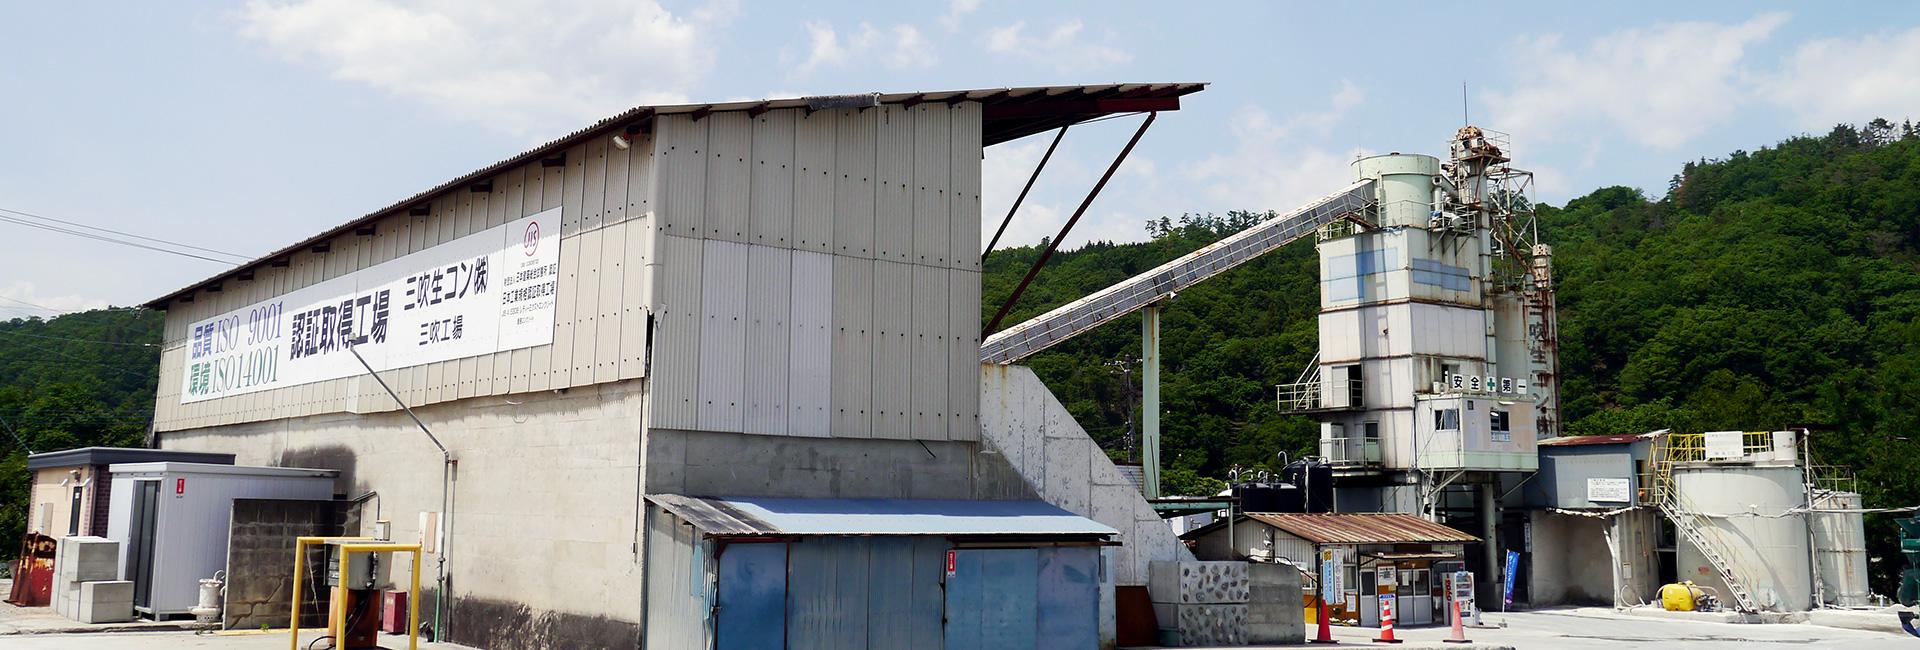 山梨の生コンクリート販売会社「三吹生コン株式会社」